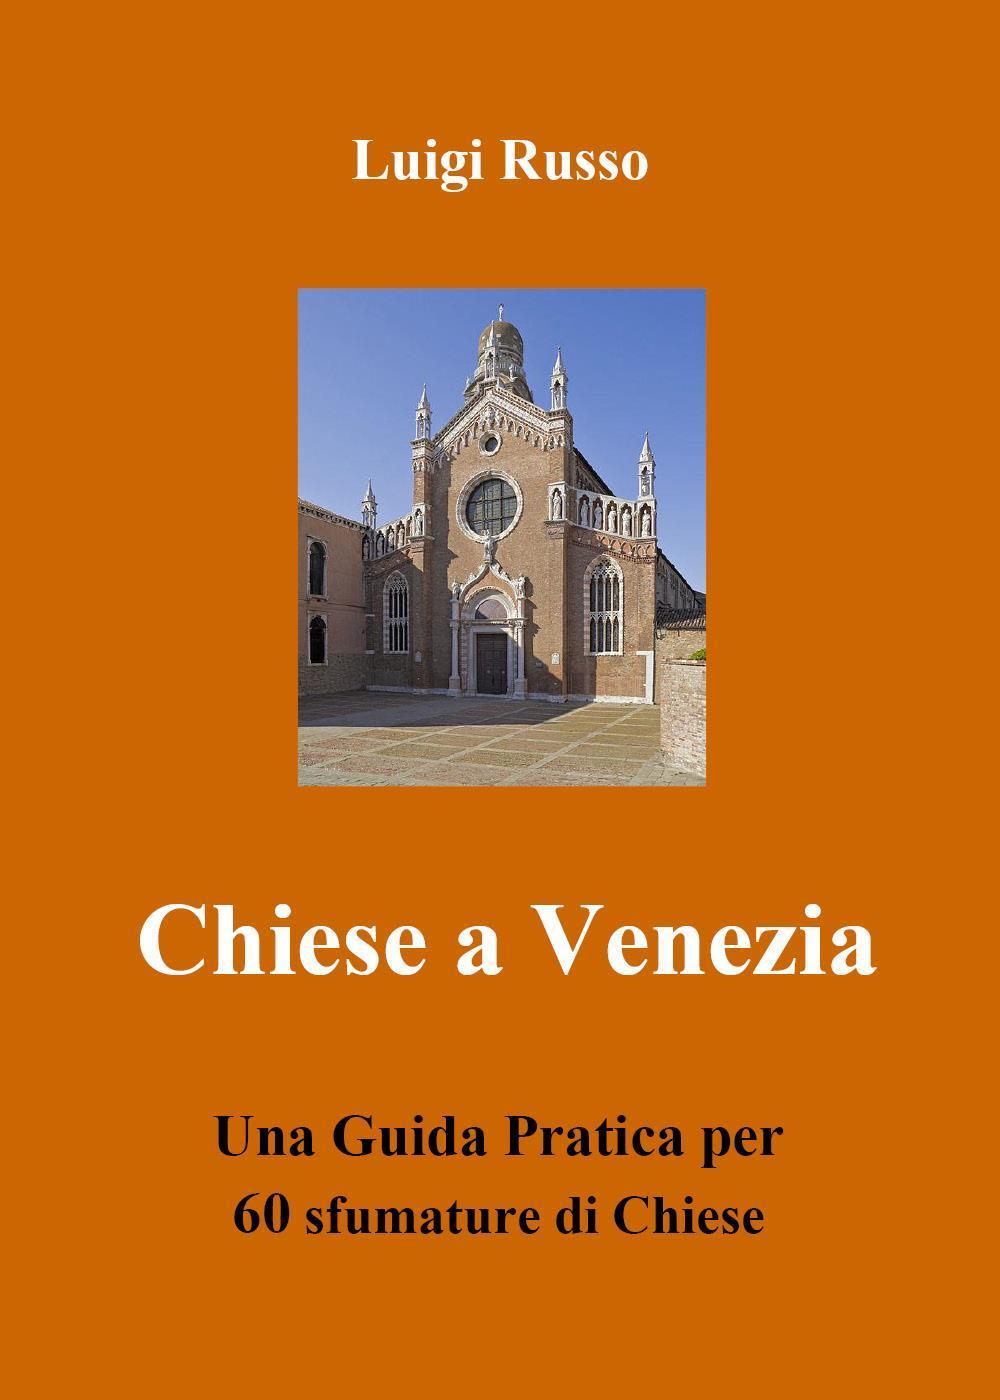 Chiese a Venezia